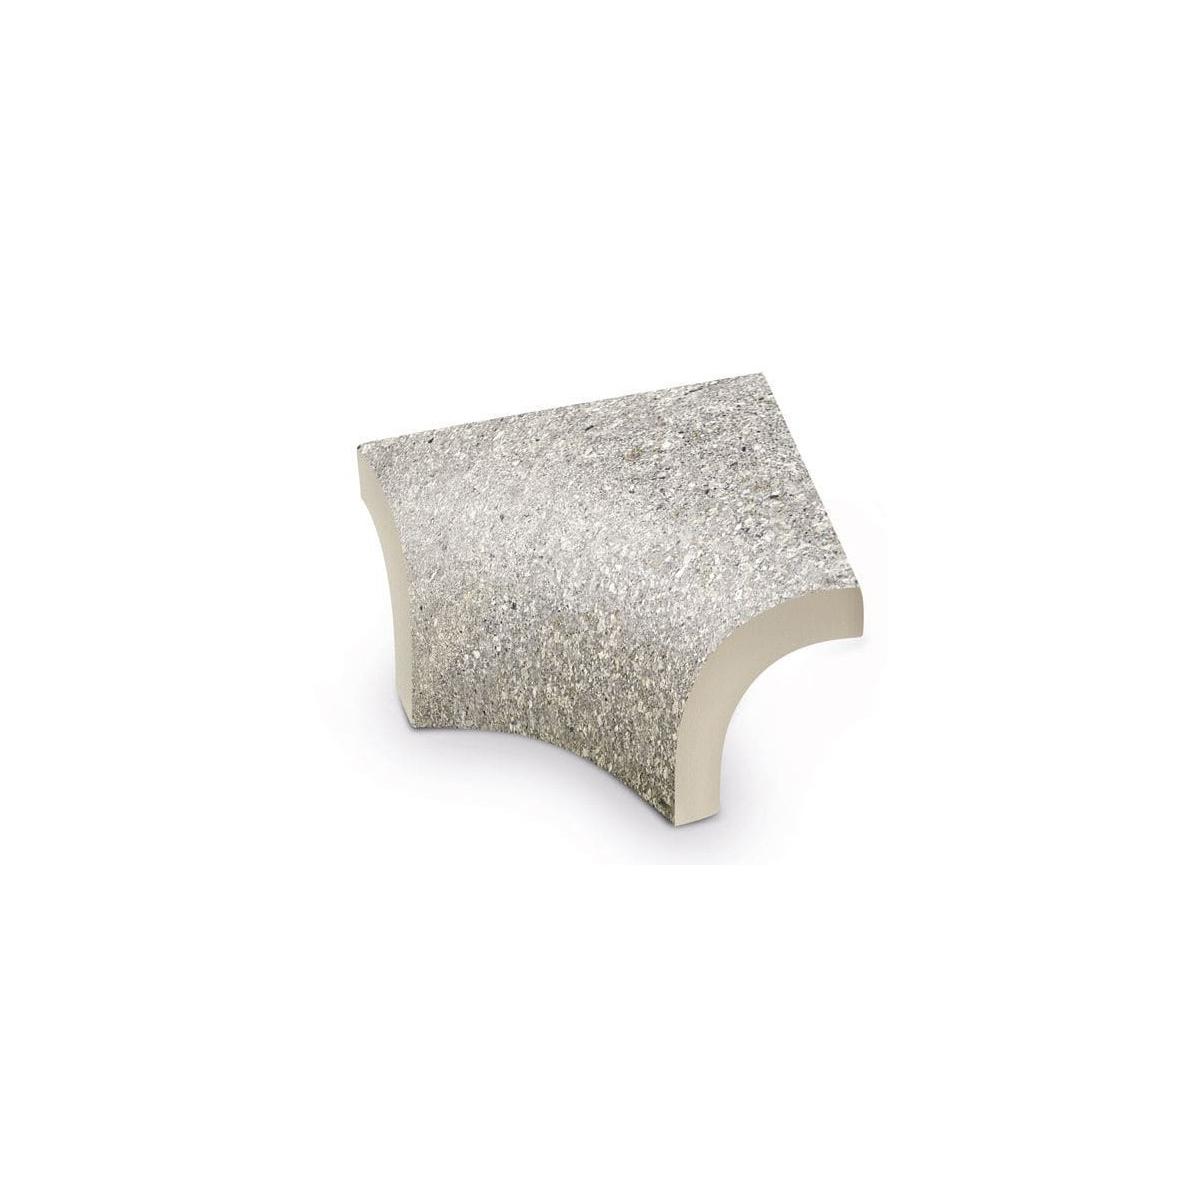 Rinconera exterior Stromboli Silver de 6x6